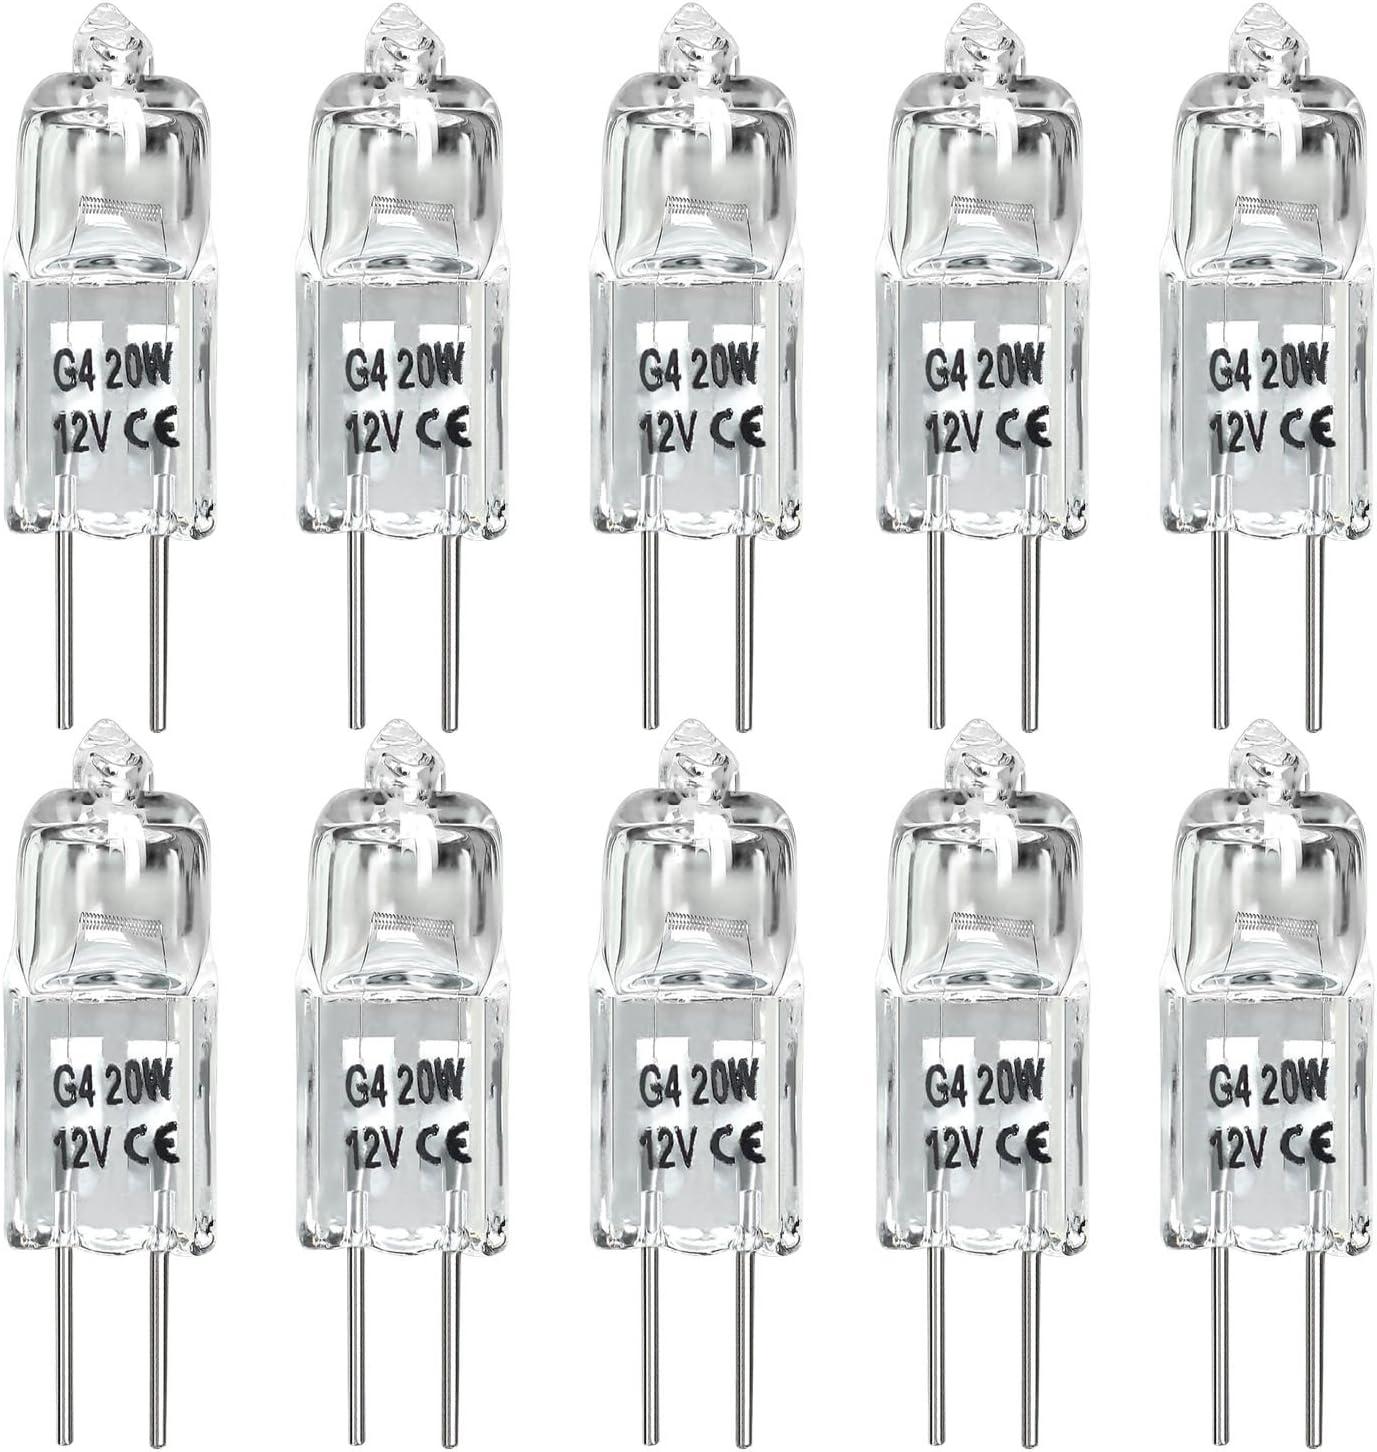 20W G4 Halogen Light Bulbs G4 Bin-Pin Base Light Bulb JC Type 12 Volt Dimmable Soft White 2800k Pack of 10